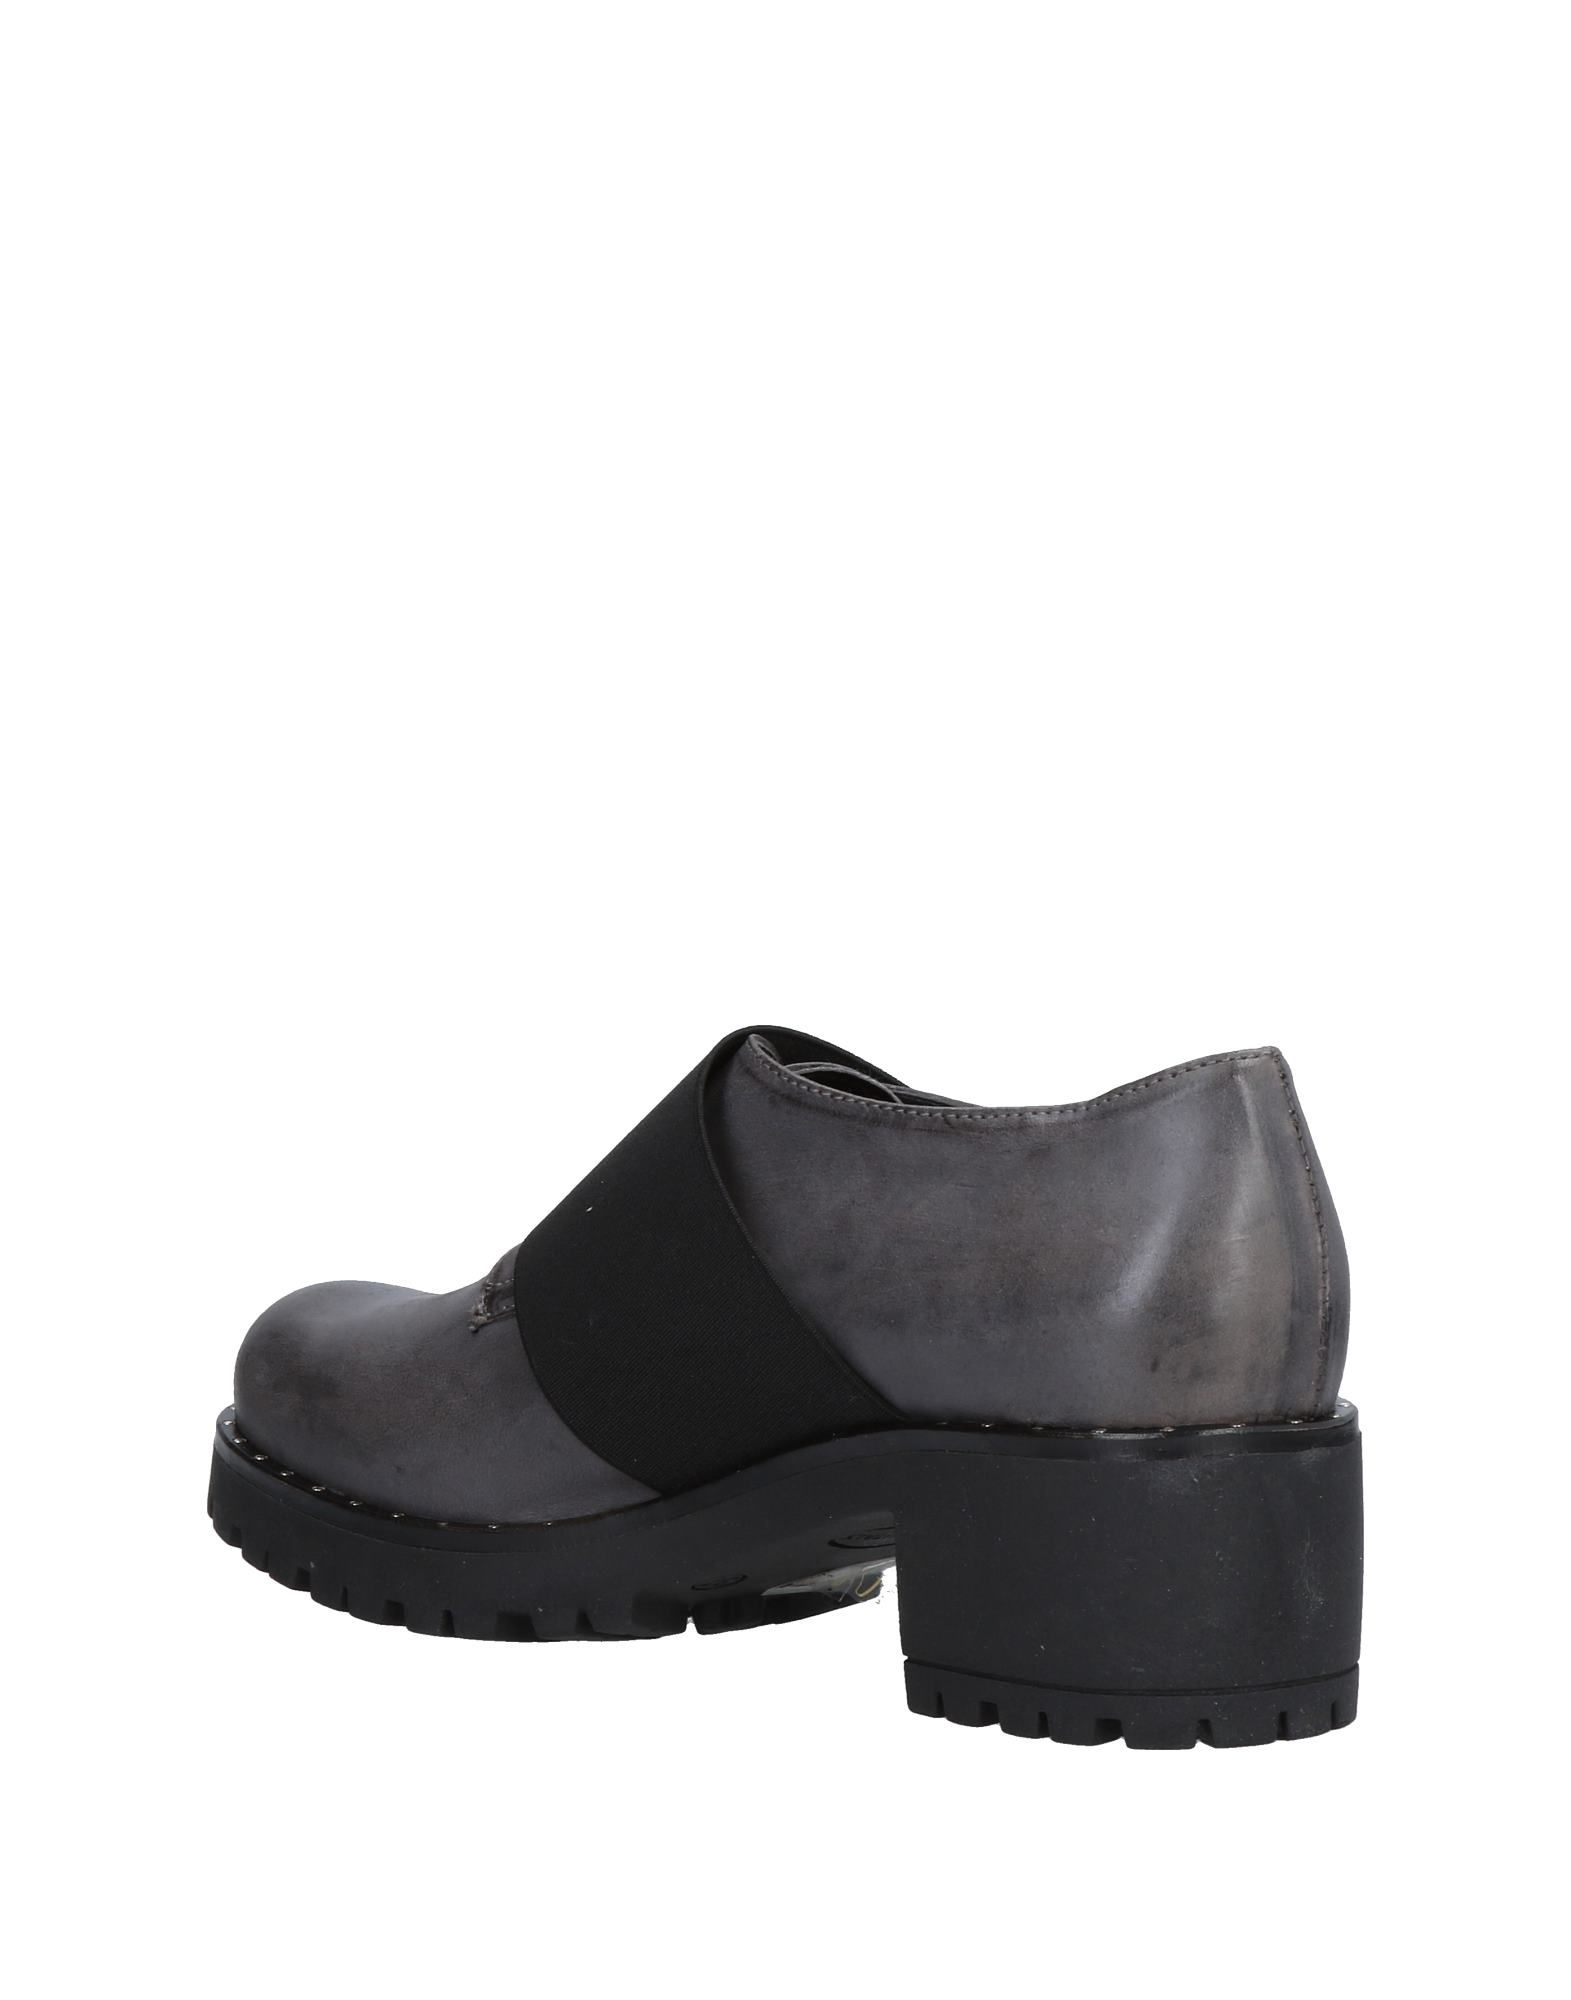 Unlace Mokassins Damen  11474566AV Gute Qualität beliebte Schuhe